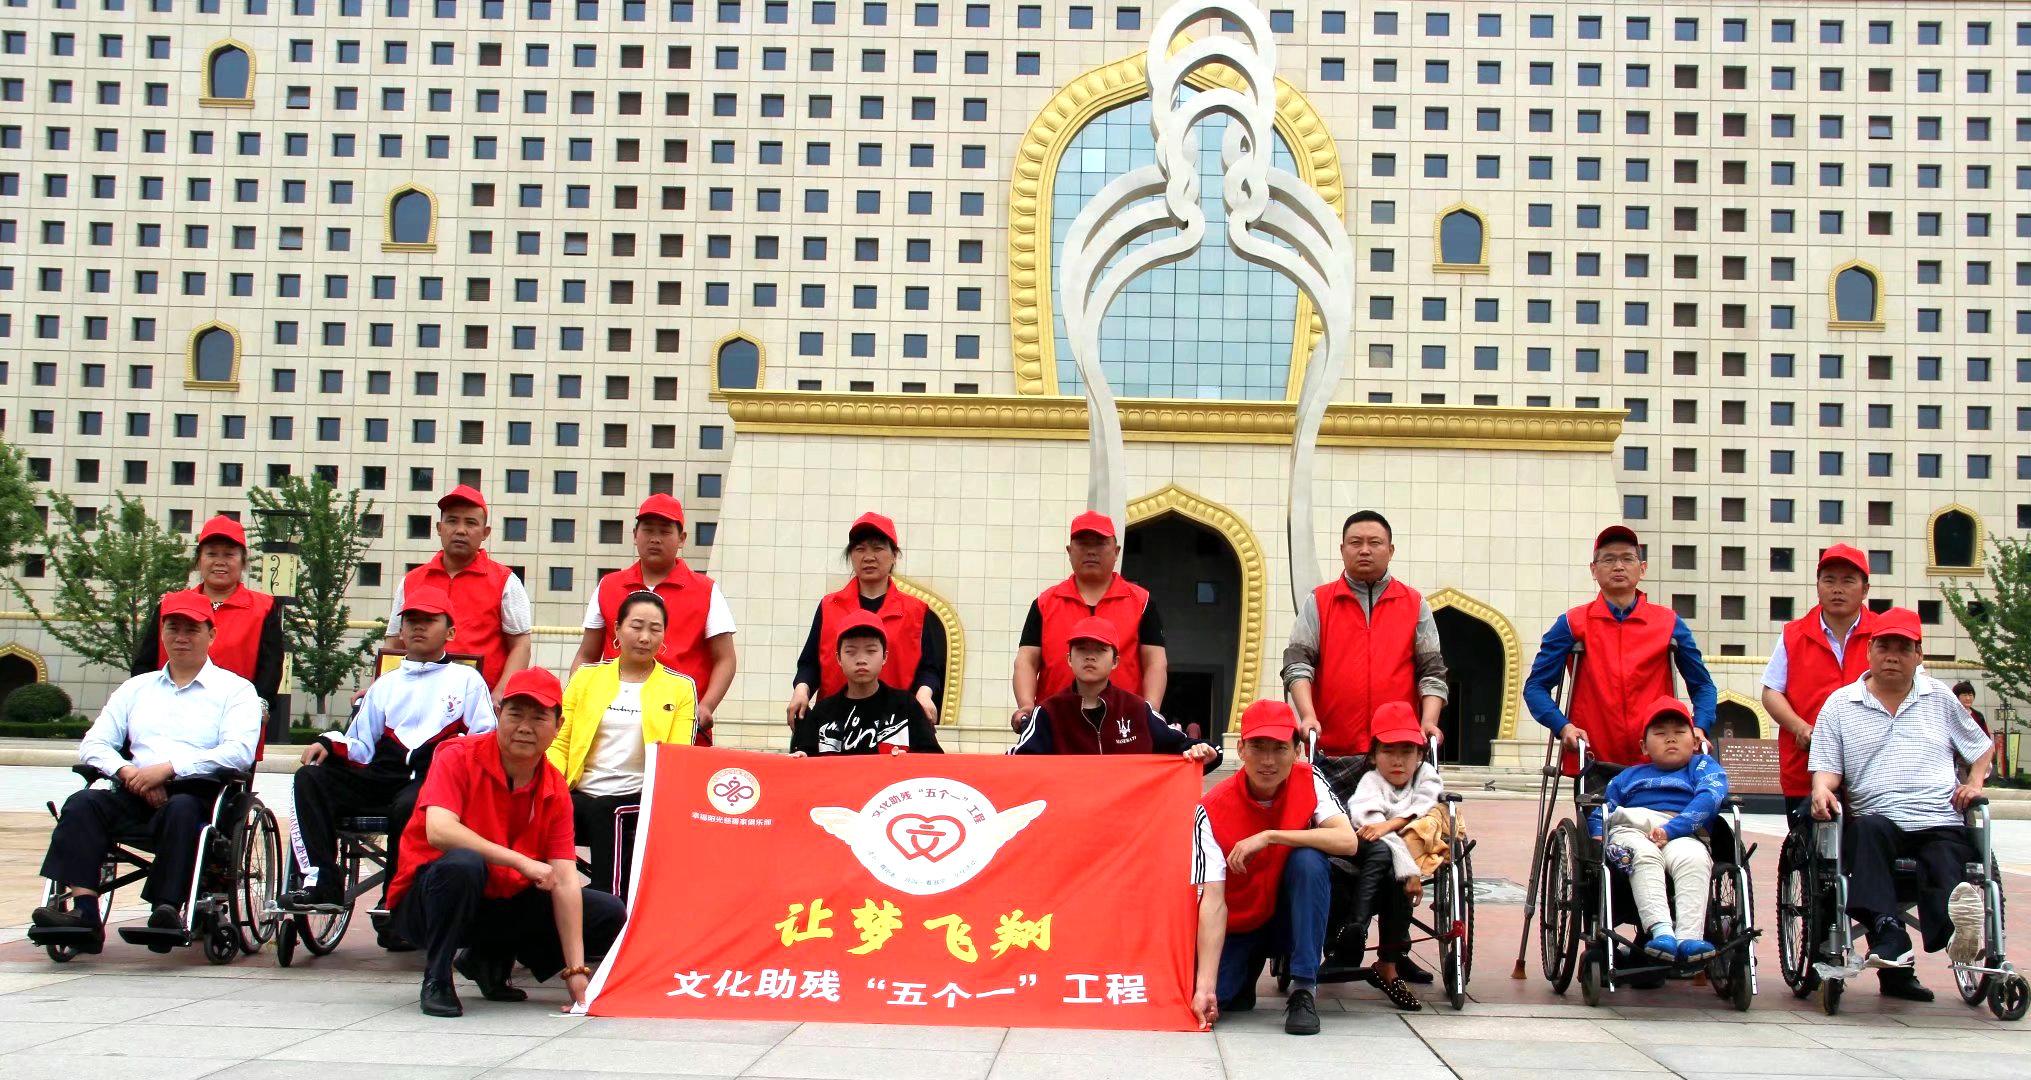 轮椅上的梦在兖州兴隆文化园飞翔